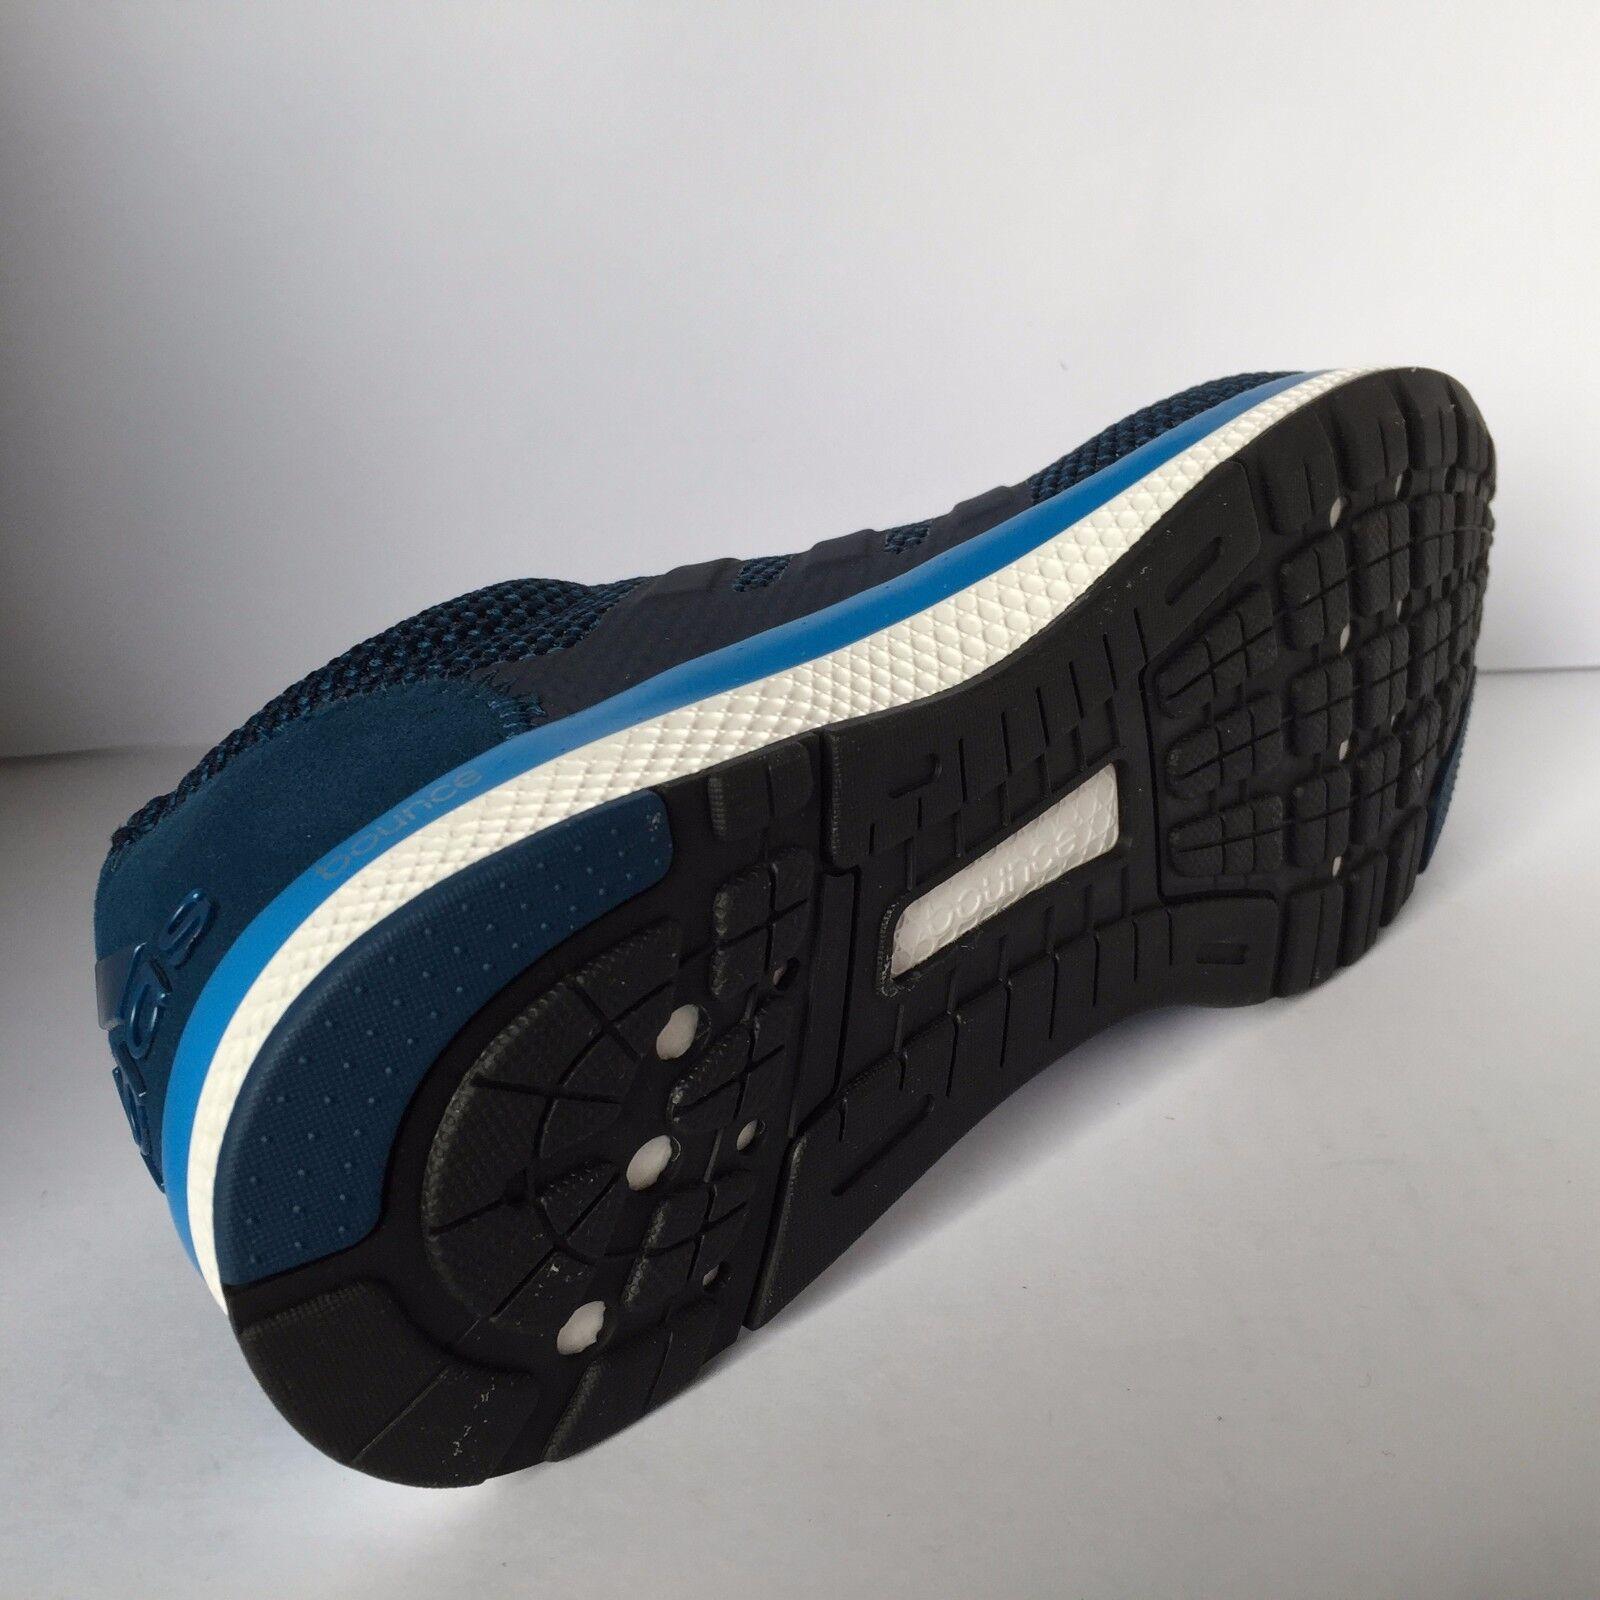 Adidas de Lightster M Zapatos de Adidas entrenamiento para hombre Azul  Nuevo 83882f